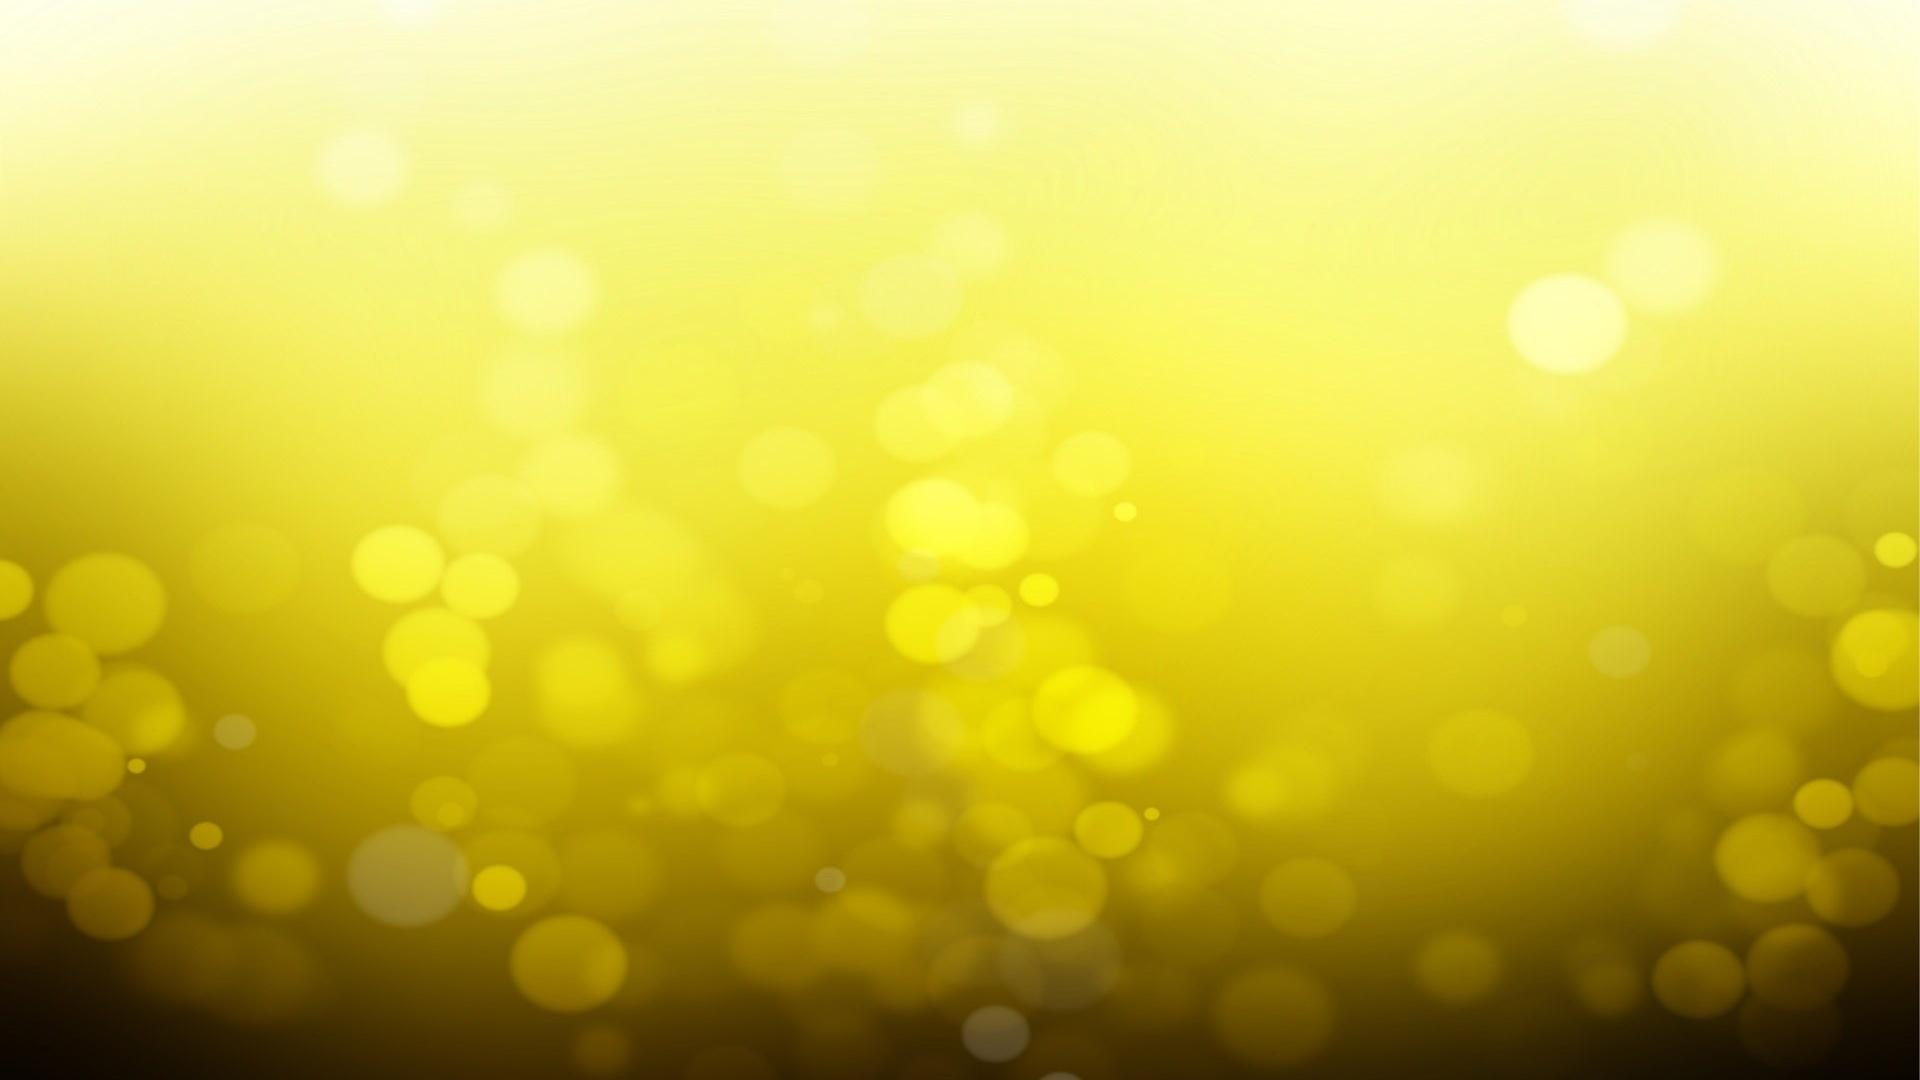 Hình nền màu vàng bong bóng nở rộ đẹp mắt